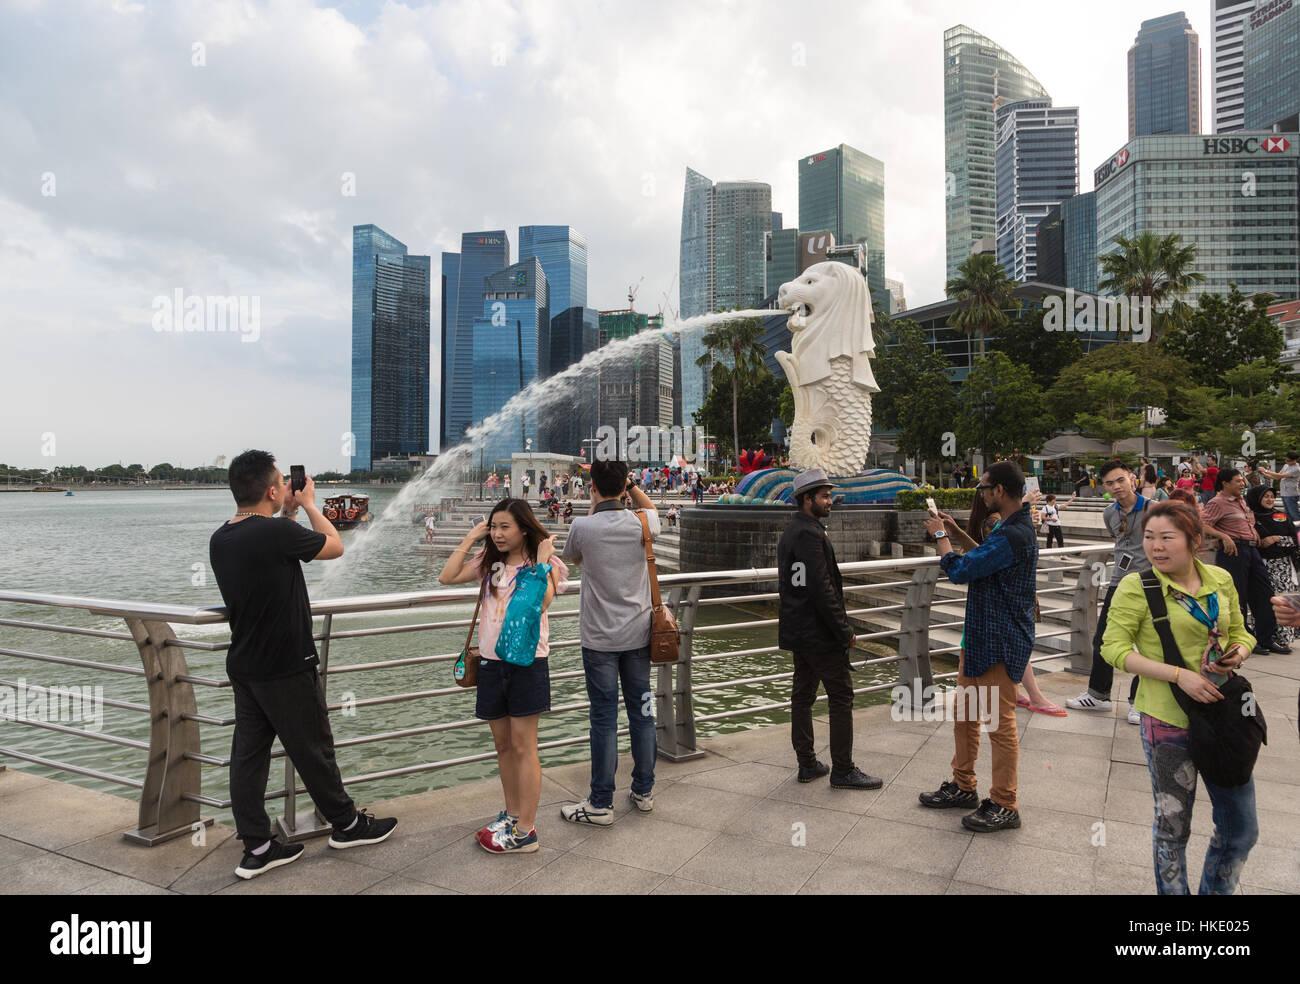 Singapour, Singapour - Le 22 février 2016: les touristes de prendre des photos en face de la ville célèbre skyline et la statue du Merlion. Banque D'Images